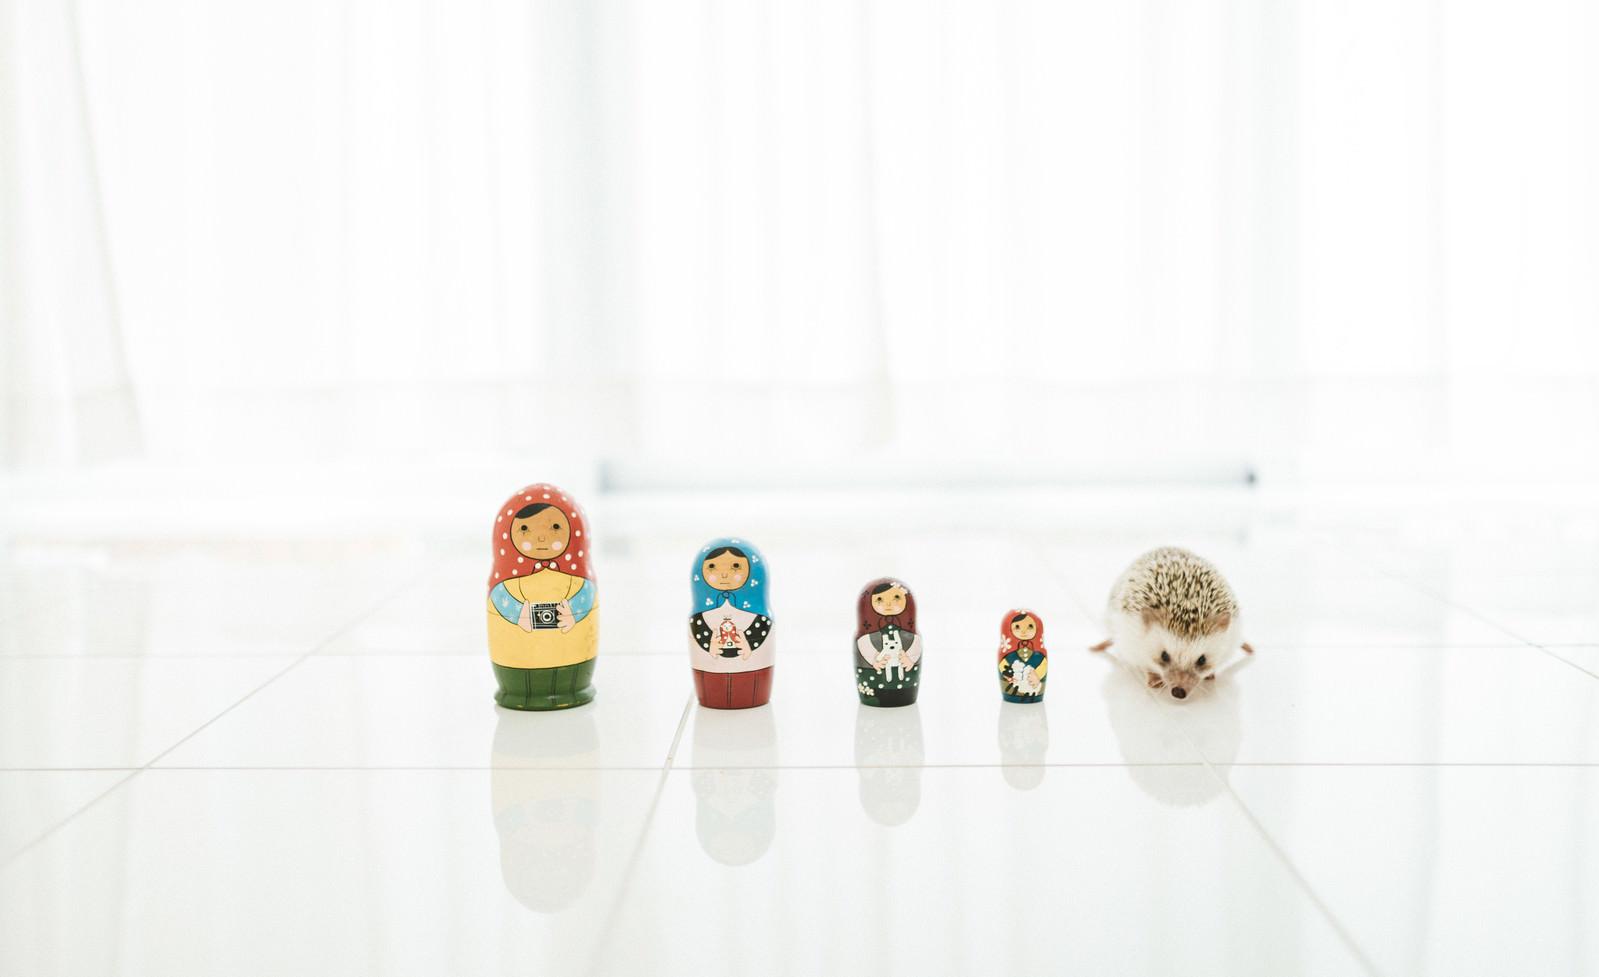 「マトリョーシカ人形とハリネズミ | 写真の無料素材・フリー素材 - ぱくたそ」の写真